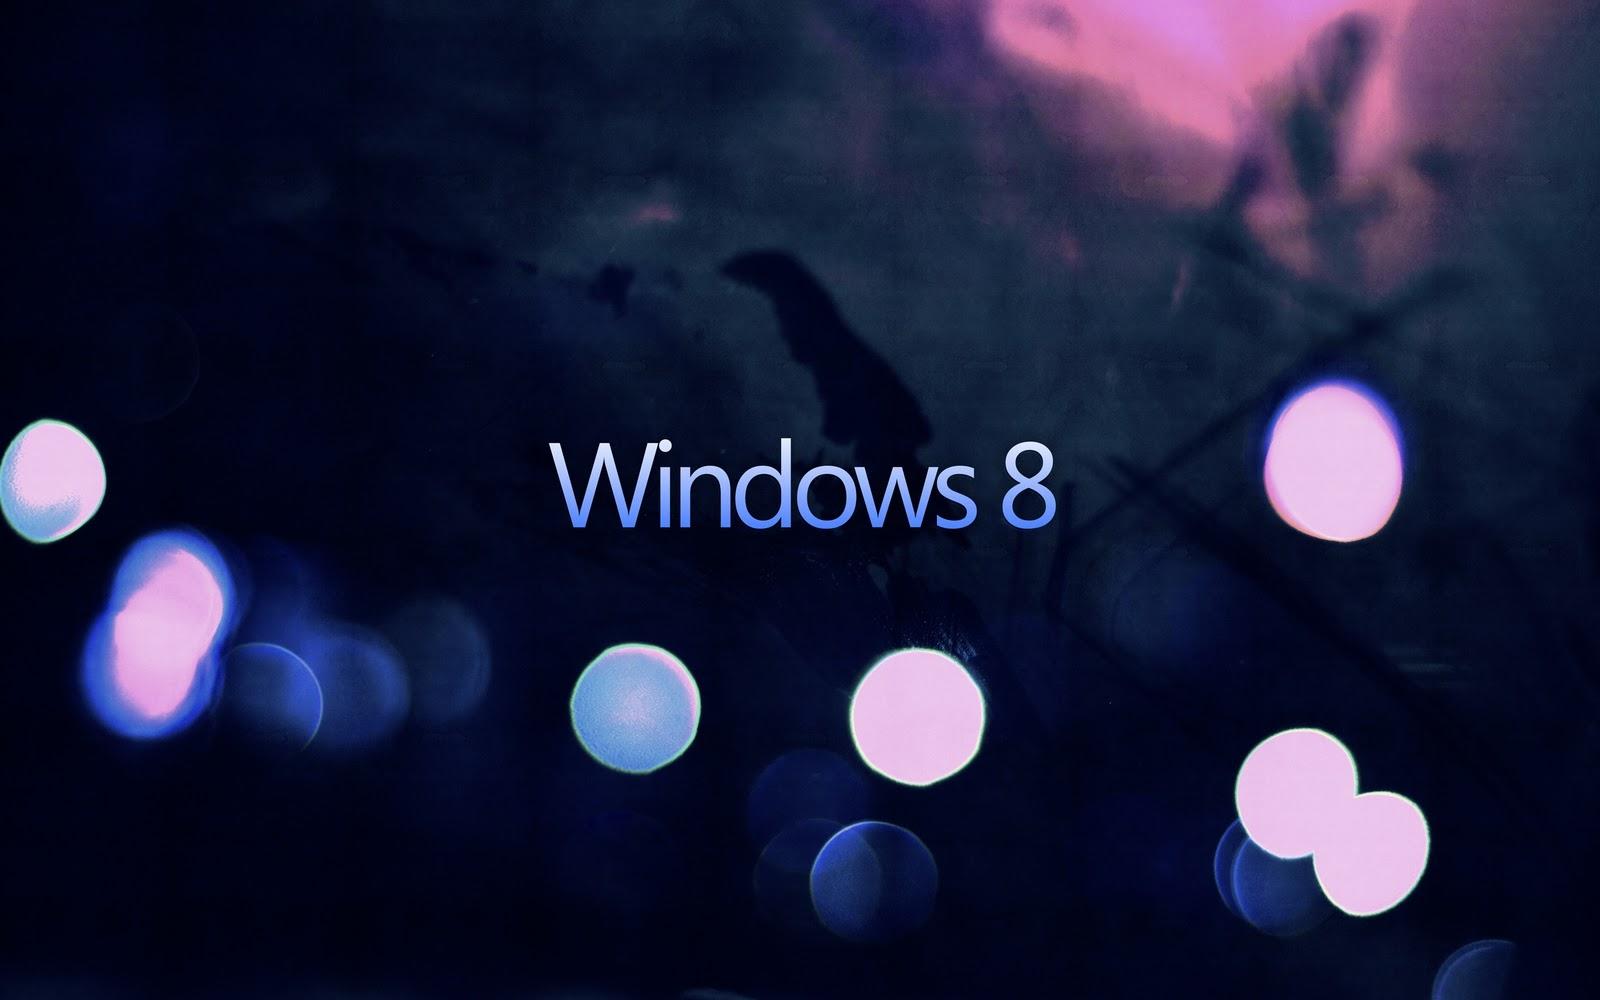 http://1.bp.blogspot.com/-D1NIE8yfN6c/Txke1YTMaFI/AAAAAAAAHho/MnKe_upXcAY/s1600/dark_windows_8-2560x1600_hd_wallpapers_wallpape.in.jpg